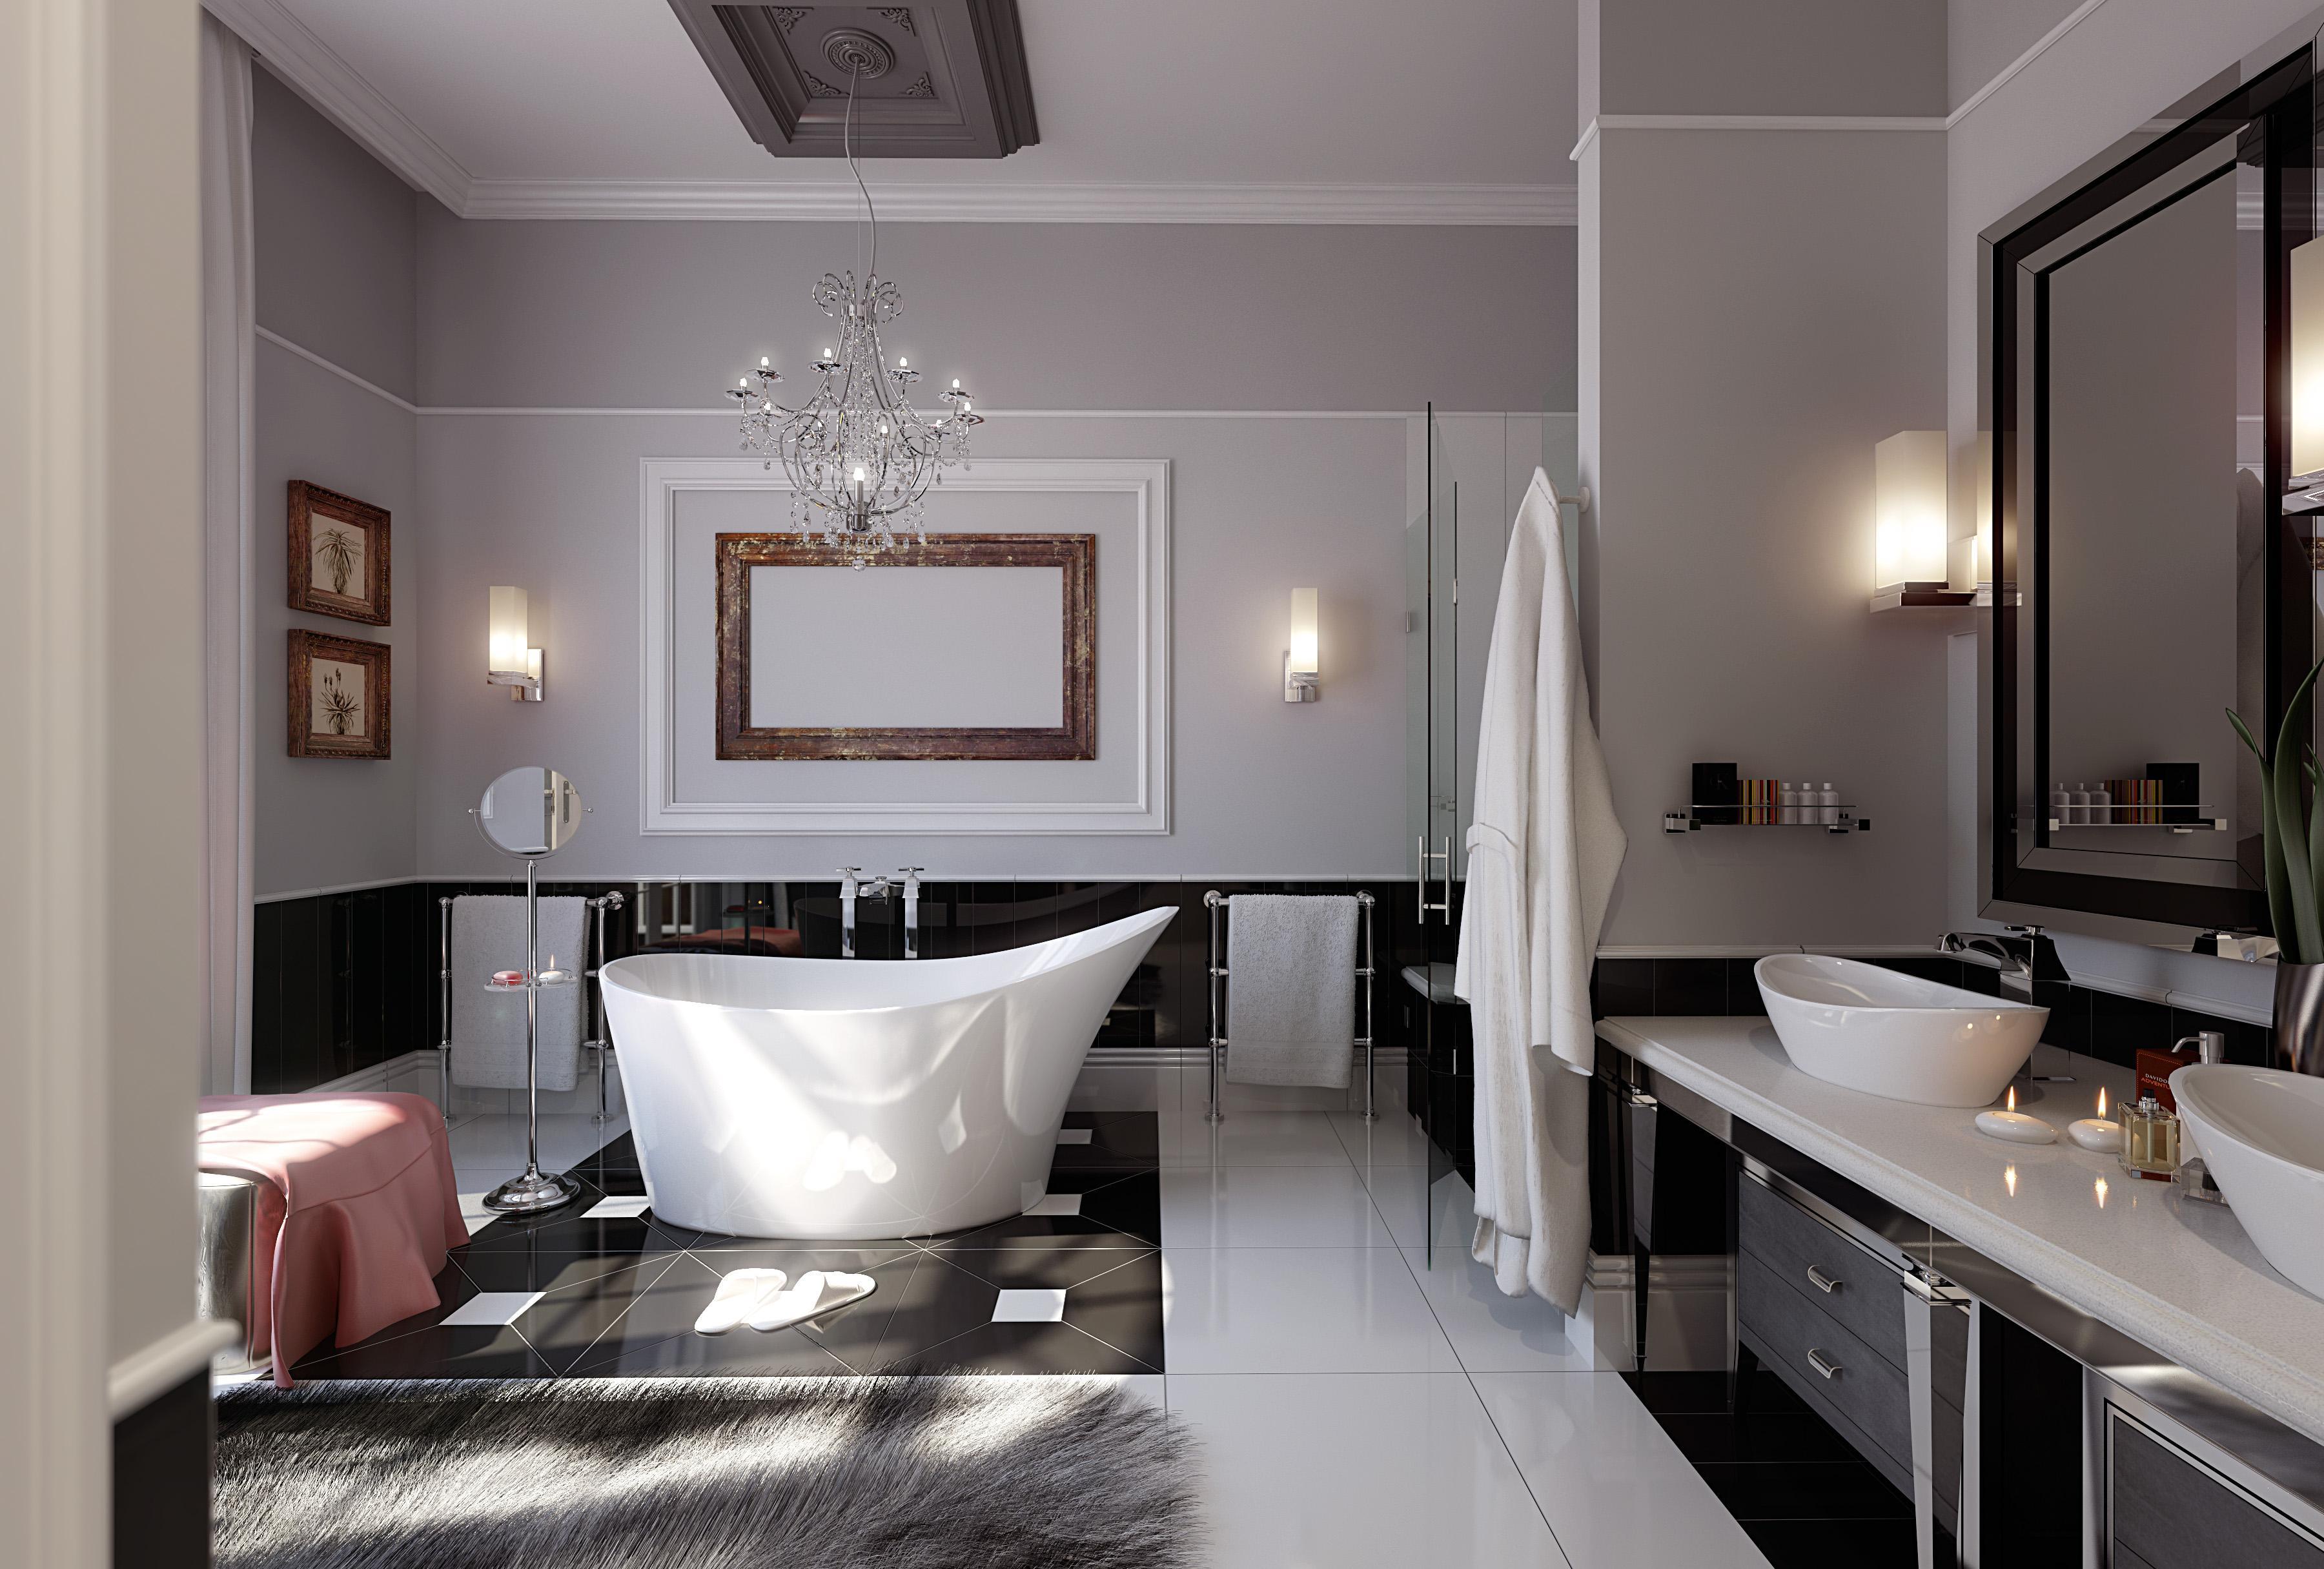 łazienka glamour z zachowaniem prostej formy